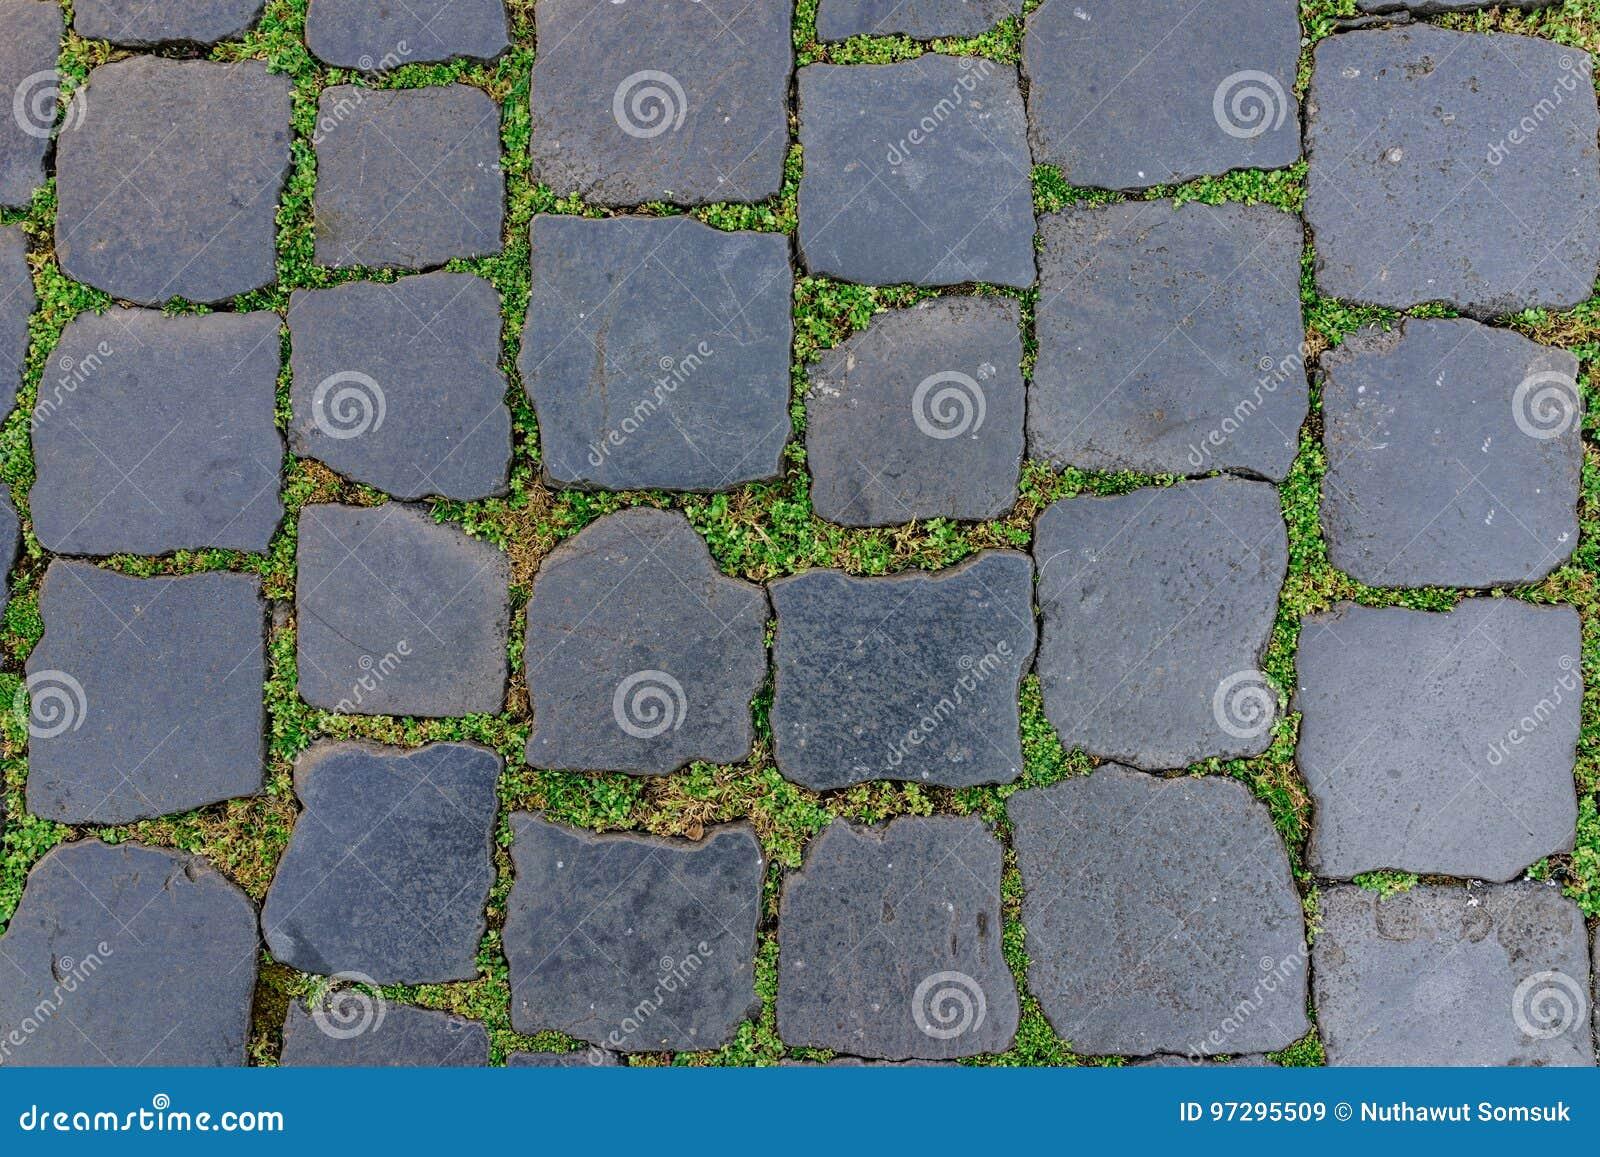 Piastrella per pavimento antica della pietra del granito con erba